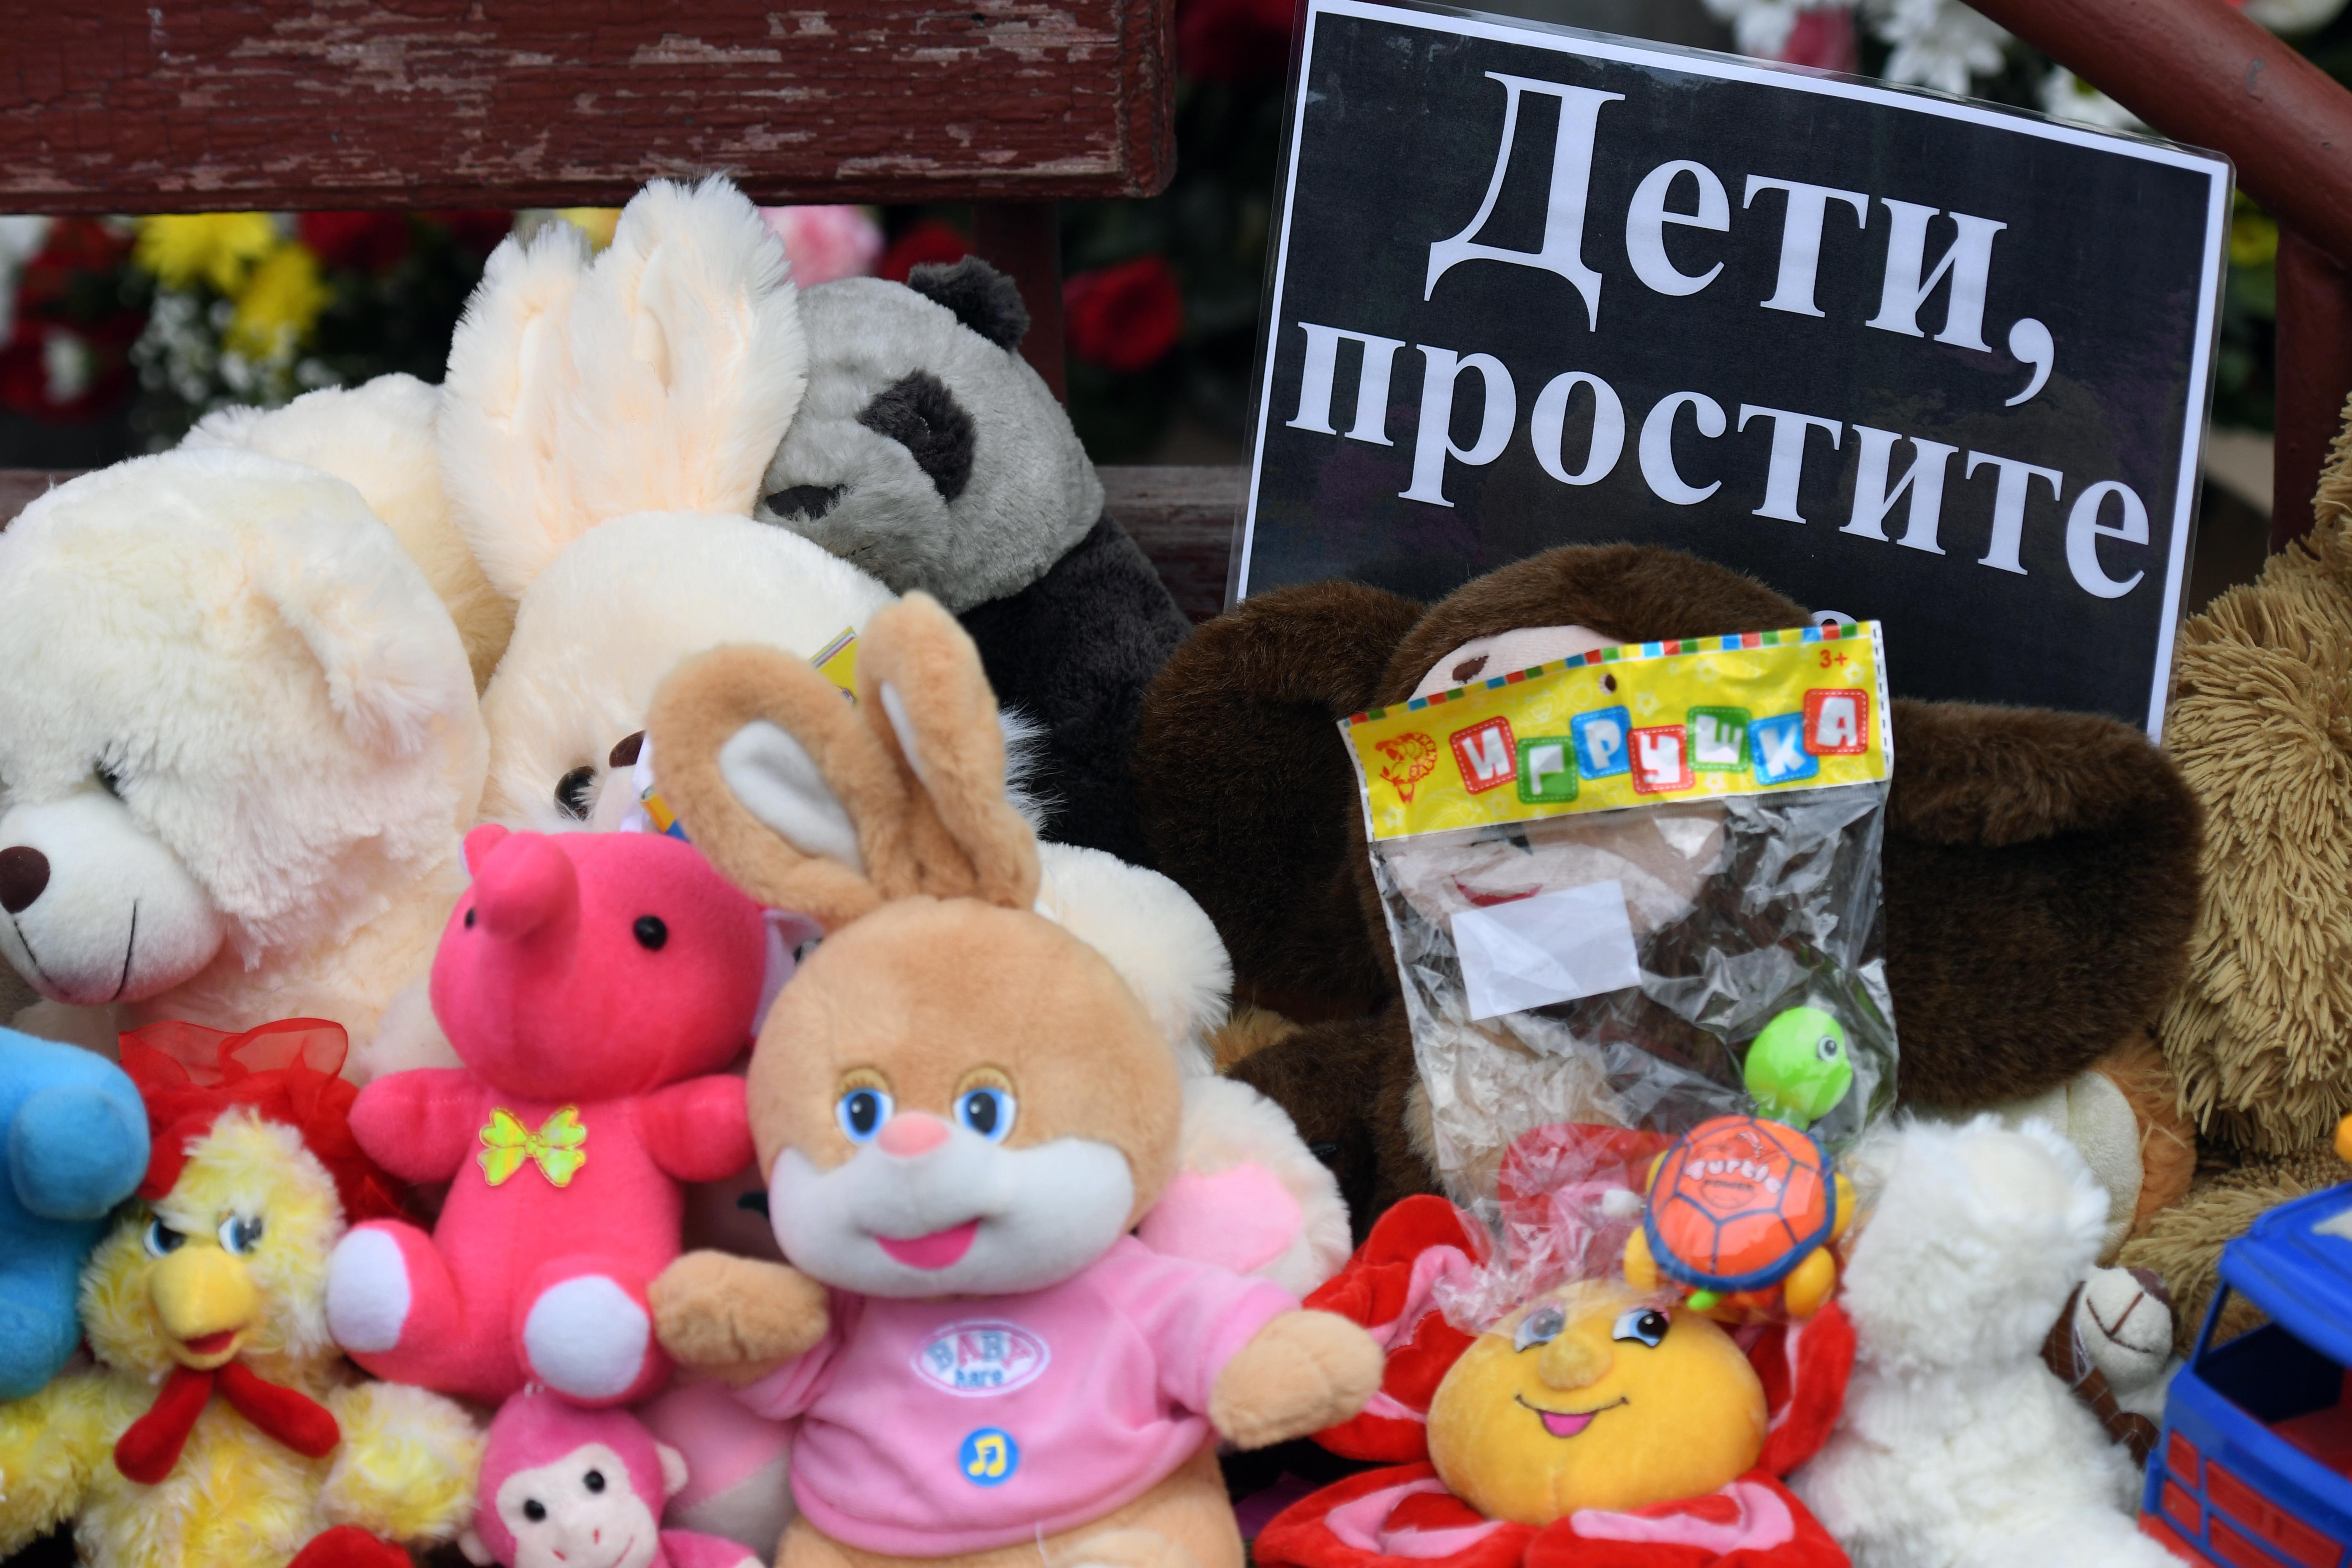 Пожар в системе. Социальные последствия трагедии в Кемерове